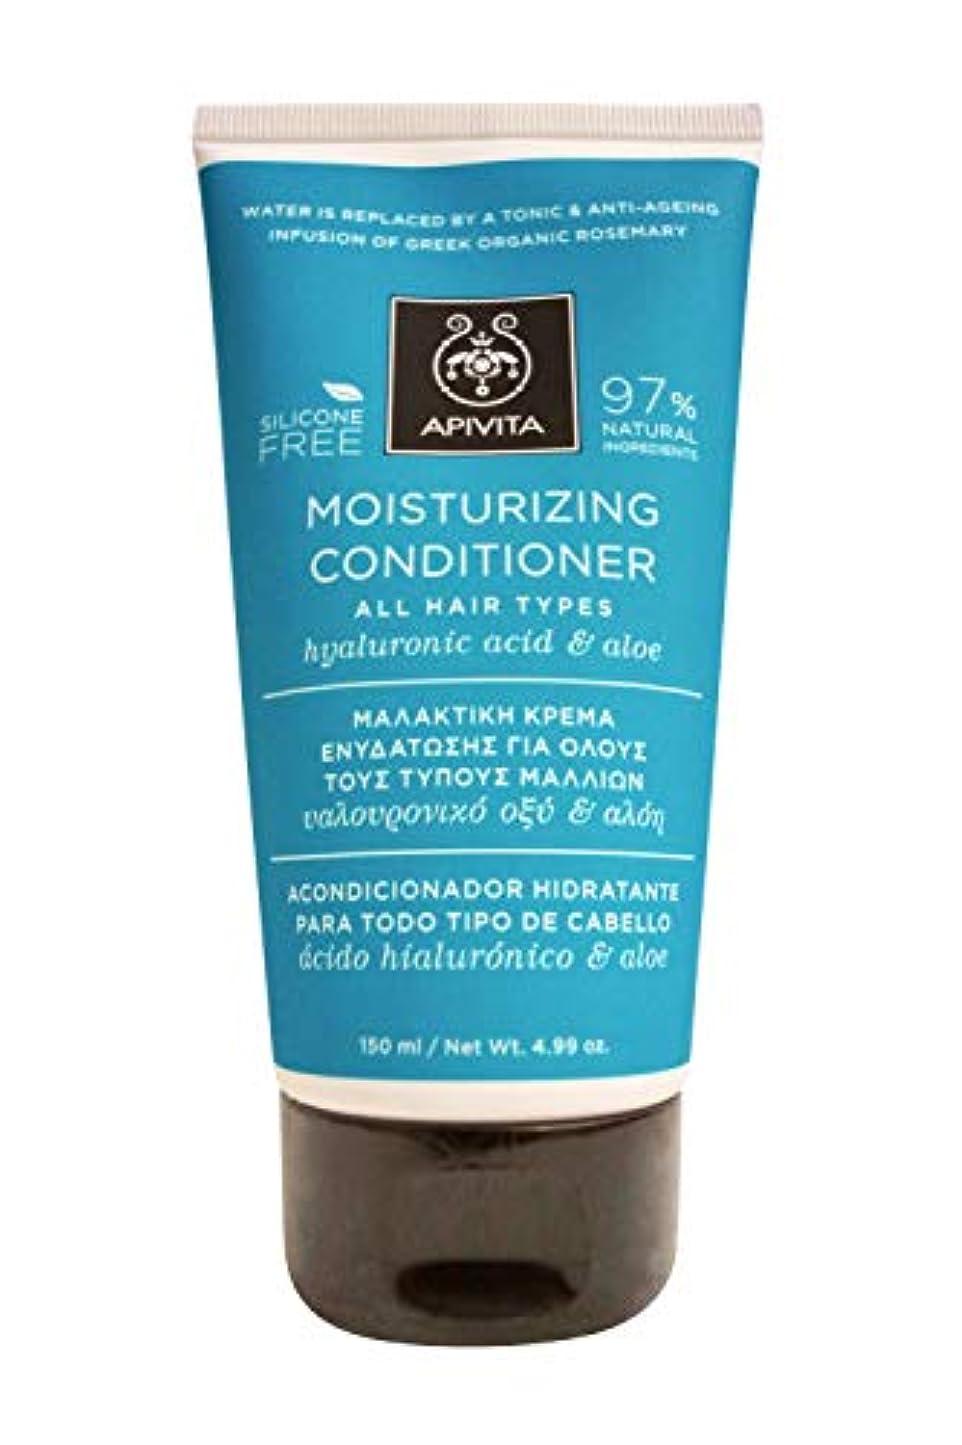 フリッパーしかしながら継続中アピヴィータ Moisturizing Conditioner with Hyaluronic Acid & Aloe (For All Hair Types) 150ml [並行輸入品]